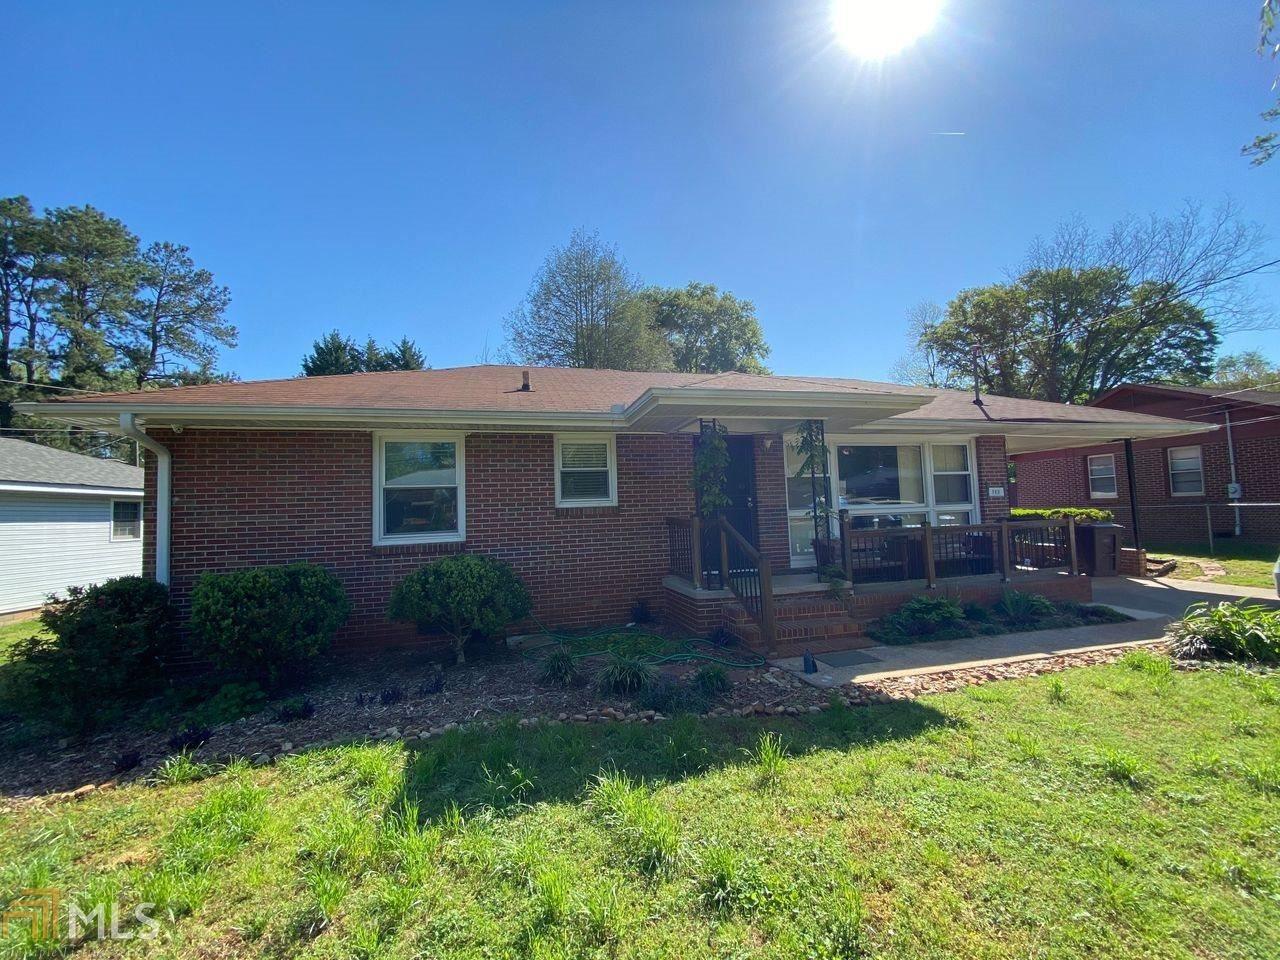 113 Lindsey Dr, Cartersville, GA 30120 - #: 8960724